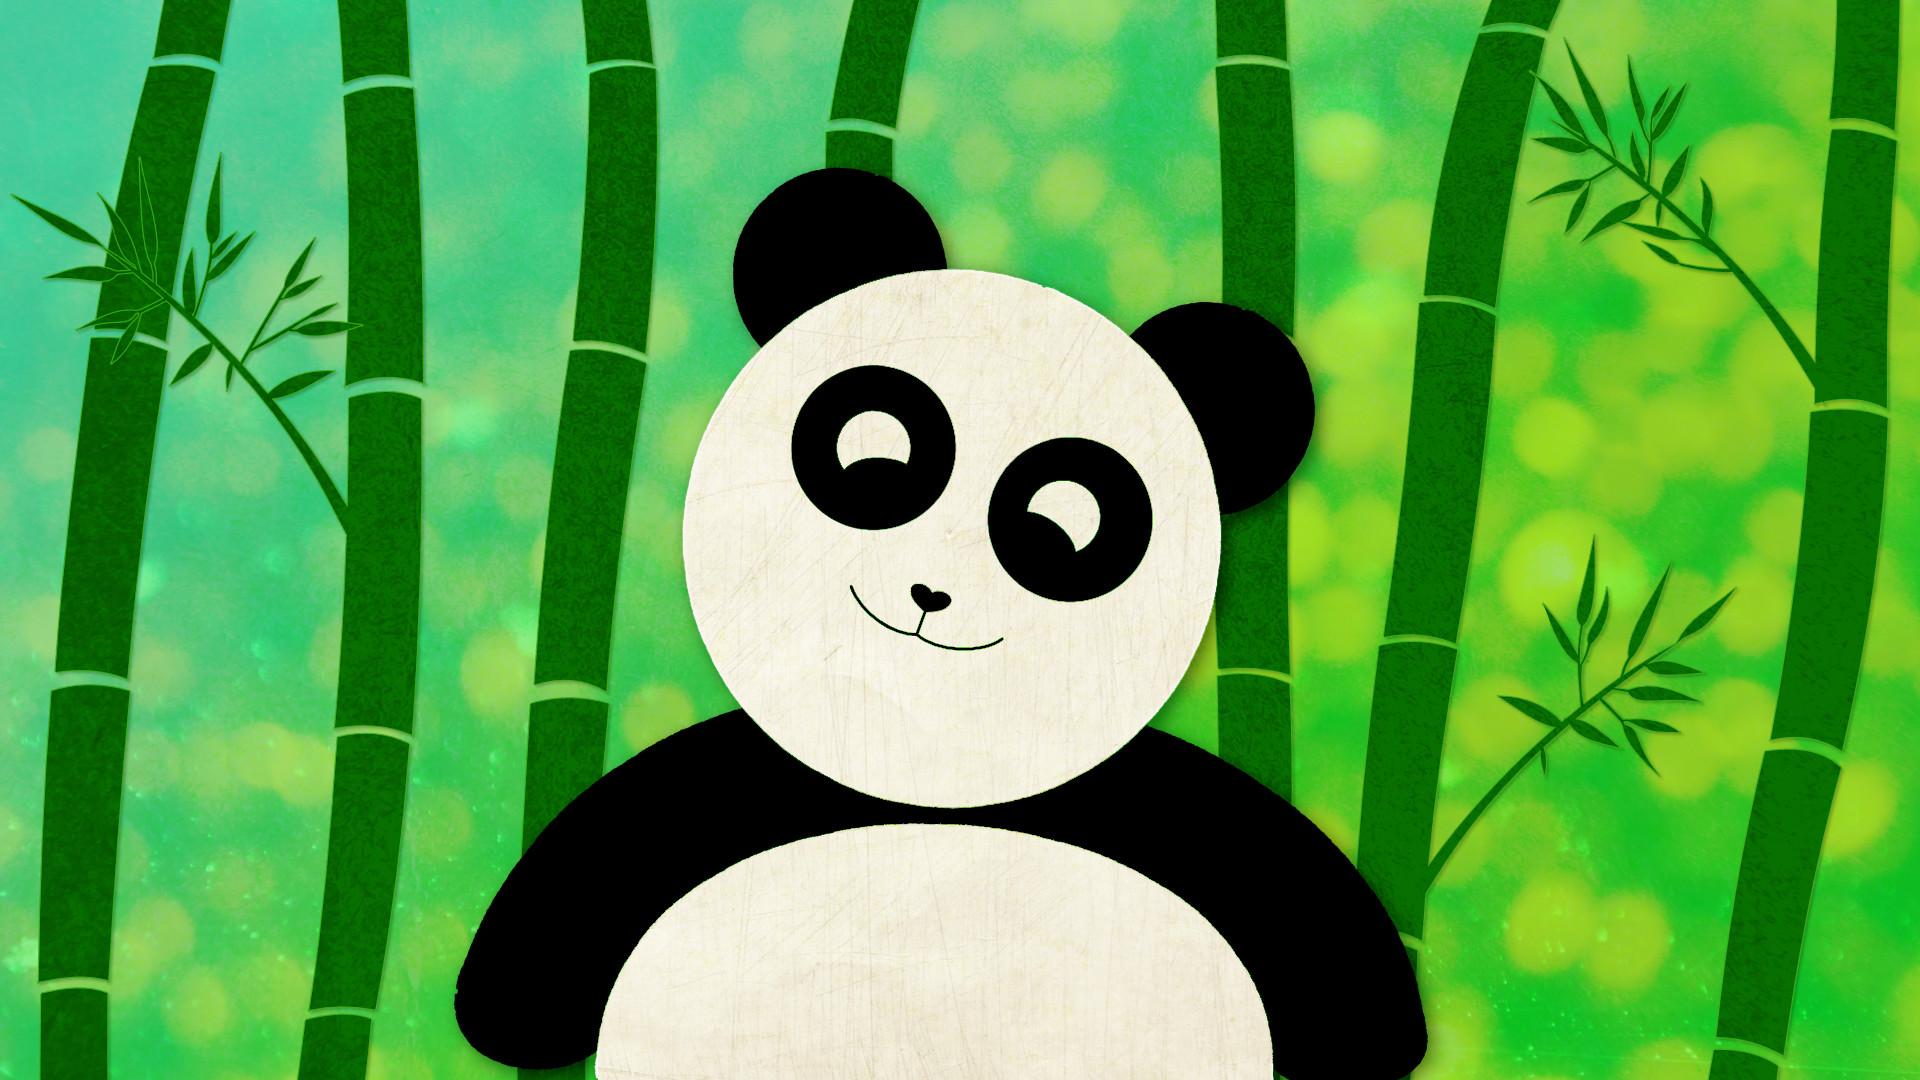 Cute Panda Wallpaper I made …